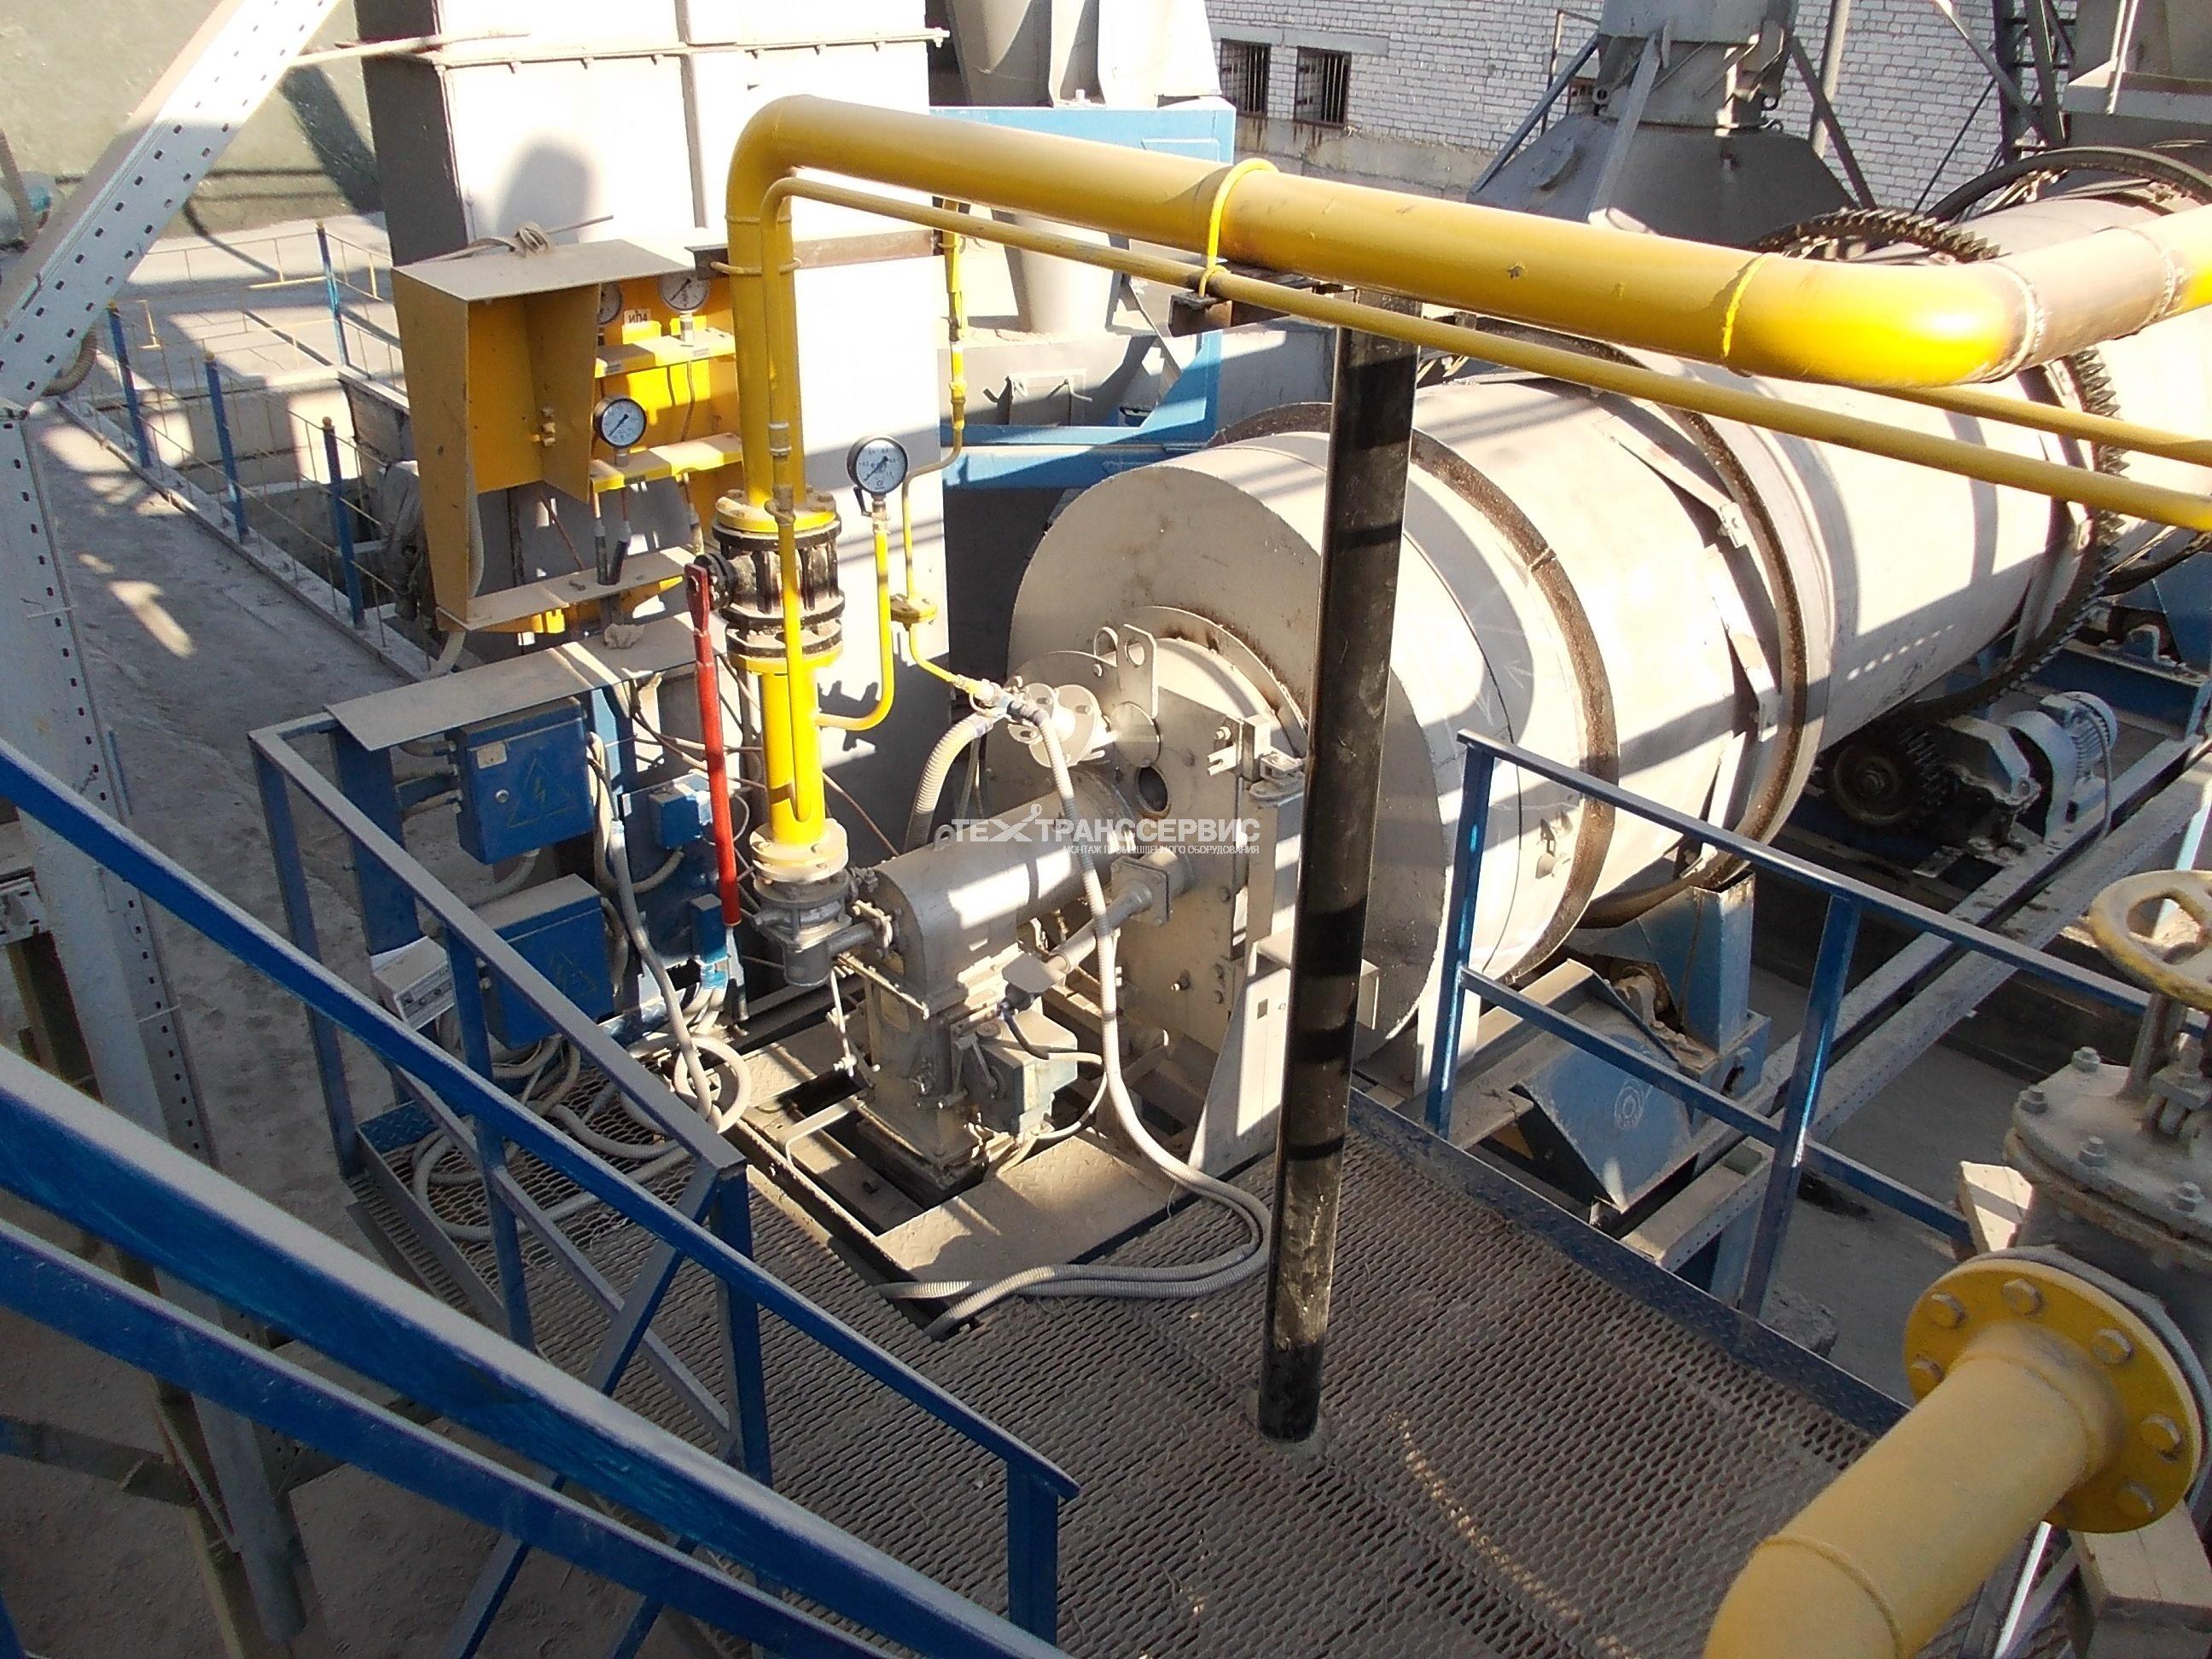 Ремонт дробильного оборудования в Самара дробильная установка в Кстово